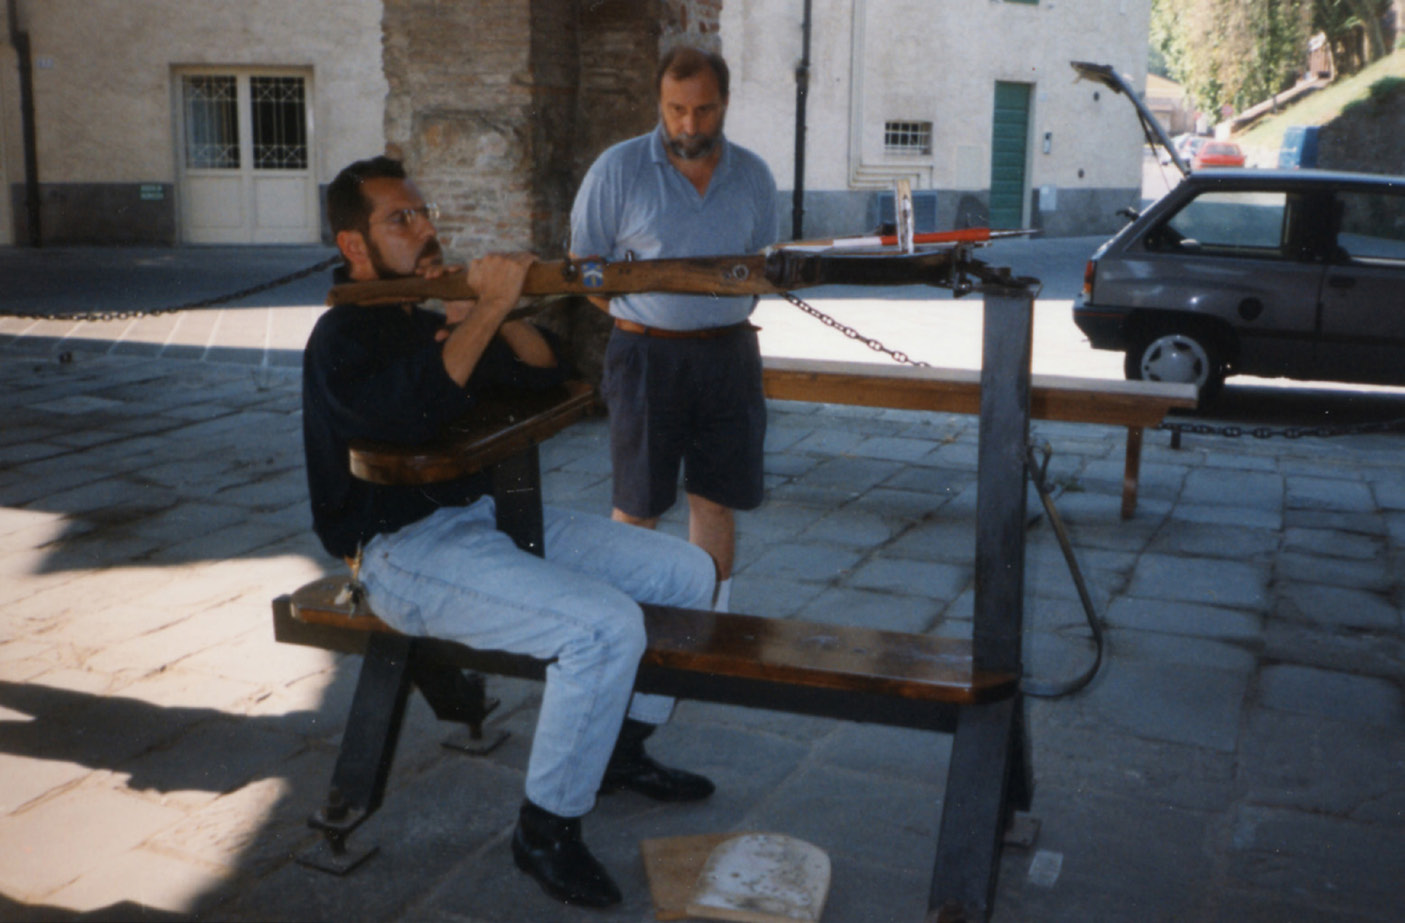 giannoni bruno e mario benassai a lucca nel 1998